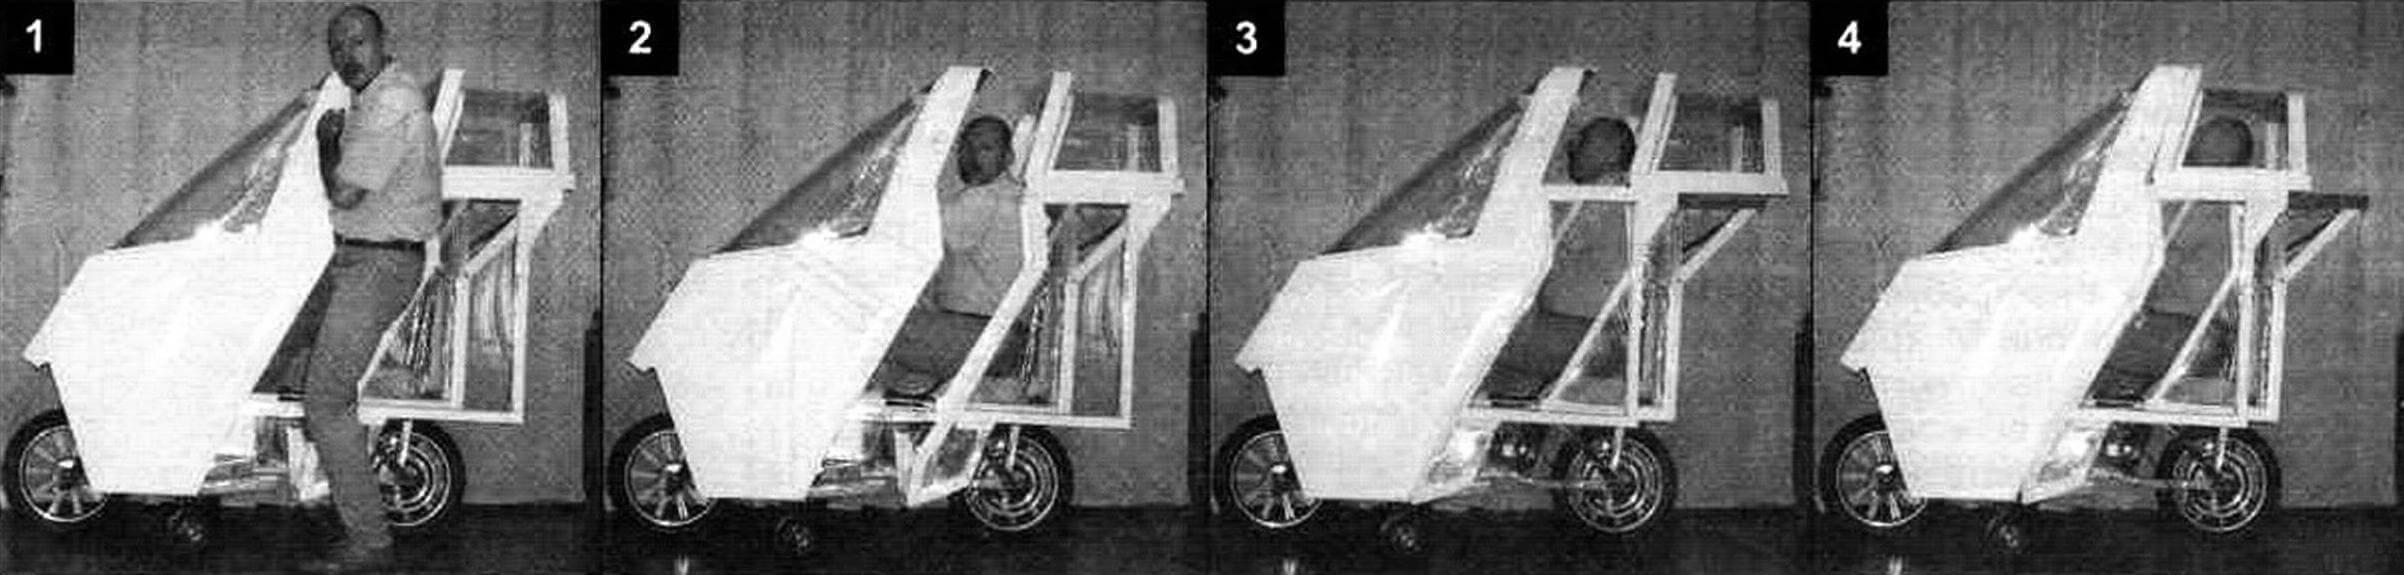 «Покадровая» съемка процесса посадки в кабину: сдвигаем L-образную дверь вместе с «фонарем» назад и заходим боком внутрь (1), усаживаемся на сиденье (2), закрываем дверь, сдвигая ее вперед (3), при необходимости закрываем «фонарь» (4)